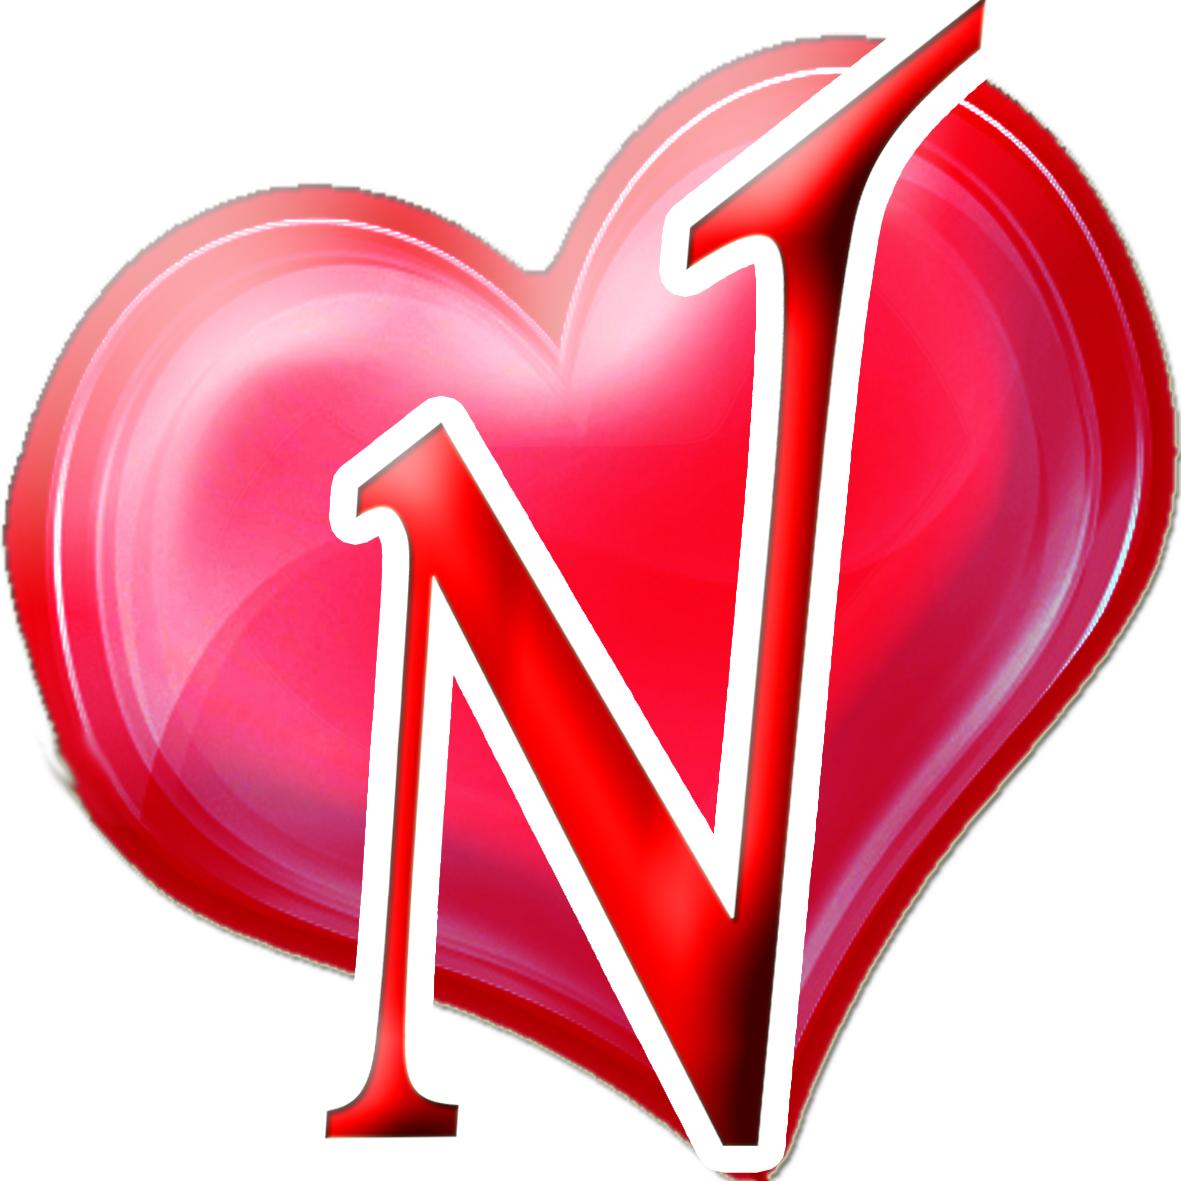 بالصور صور حرف n صورة لحرف n , خلفيات للحروف الانجليزي 3785 5